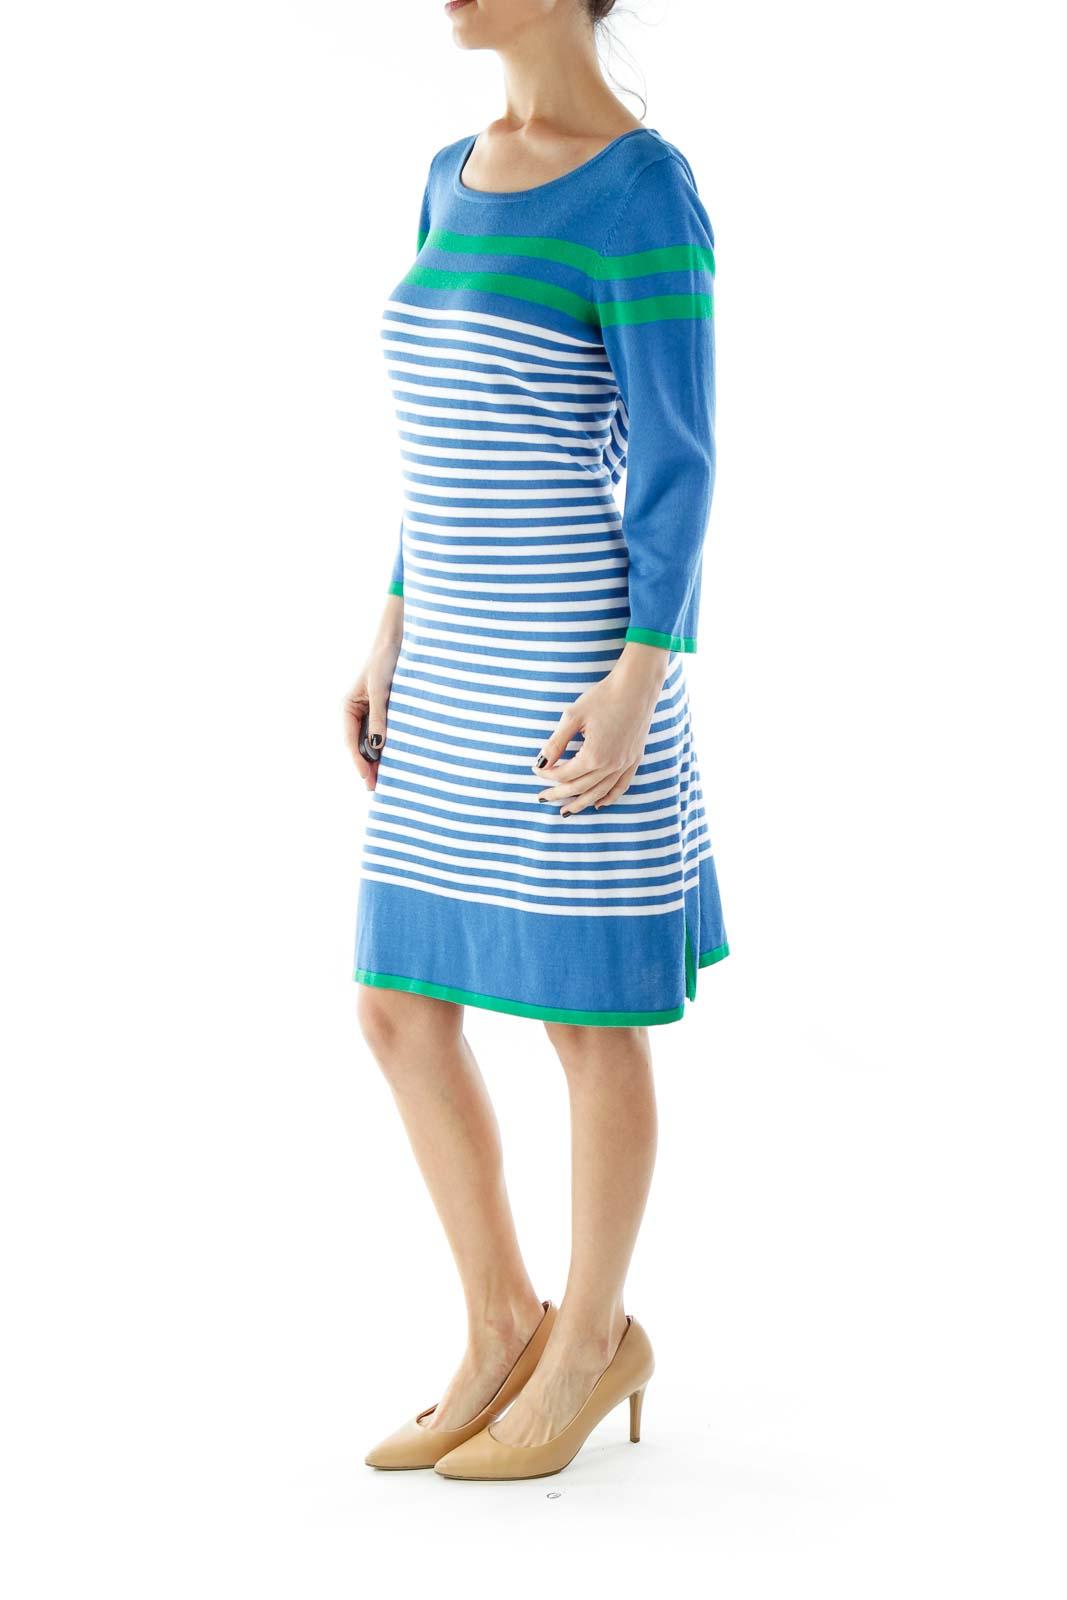 Blue Green Striped Knit Dress